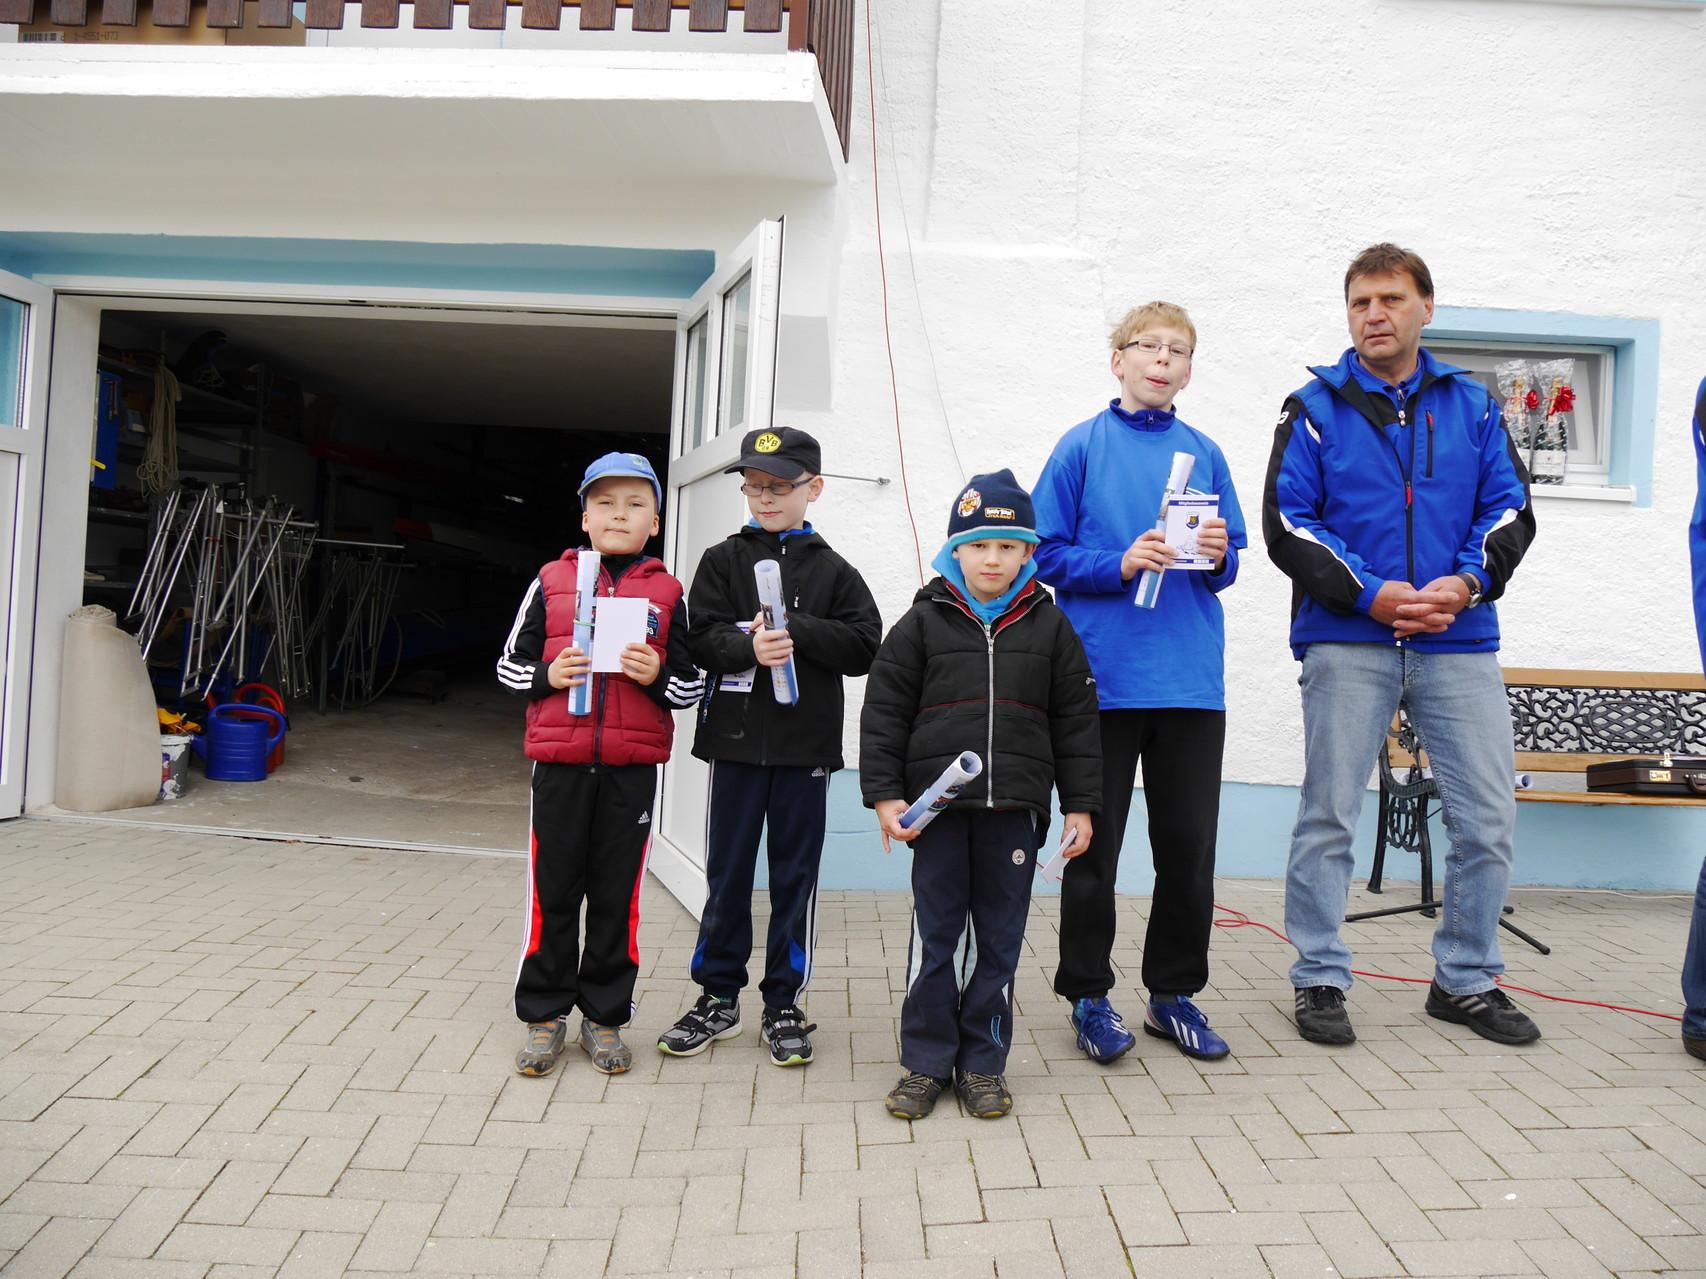 Diese Sportler bekamen ihren Mitgliedsausweis und sind ab heute Vereinsmitglieder. Viel Erfolg Tim Pulz, Jonas Welschke, Grischka Beck und Richard Wurch.